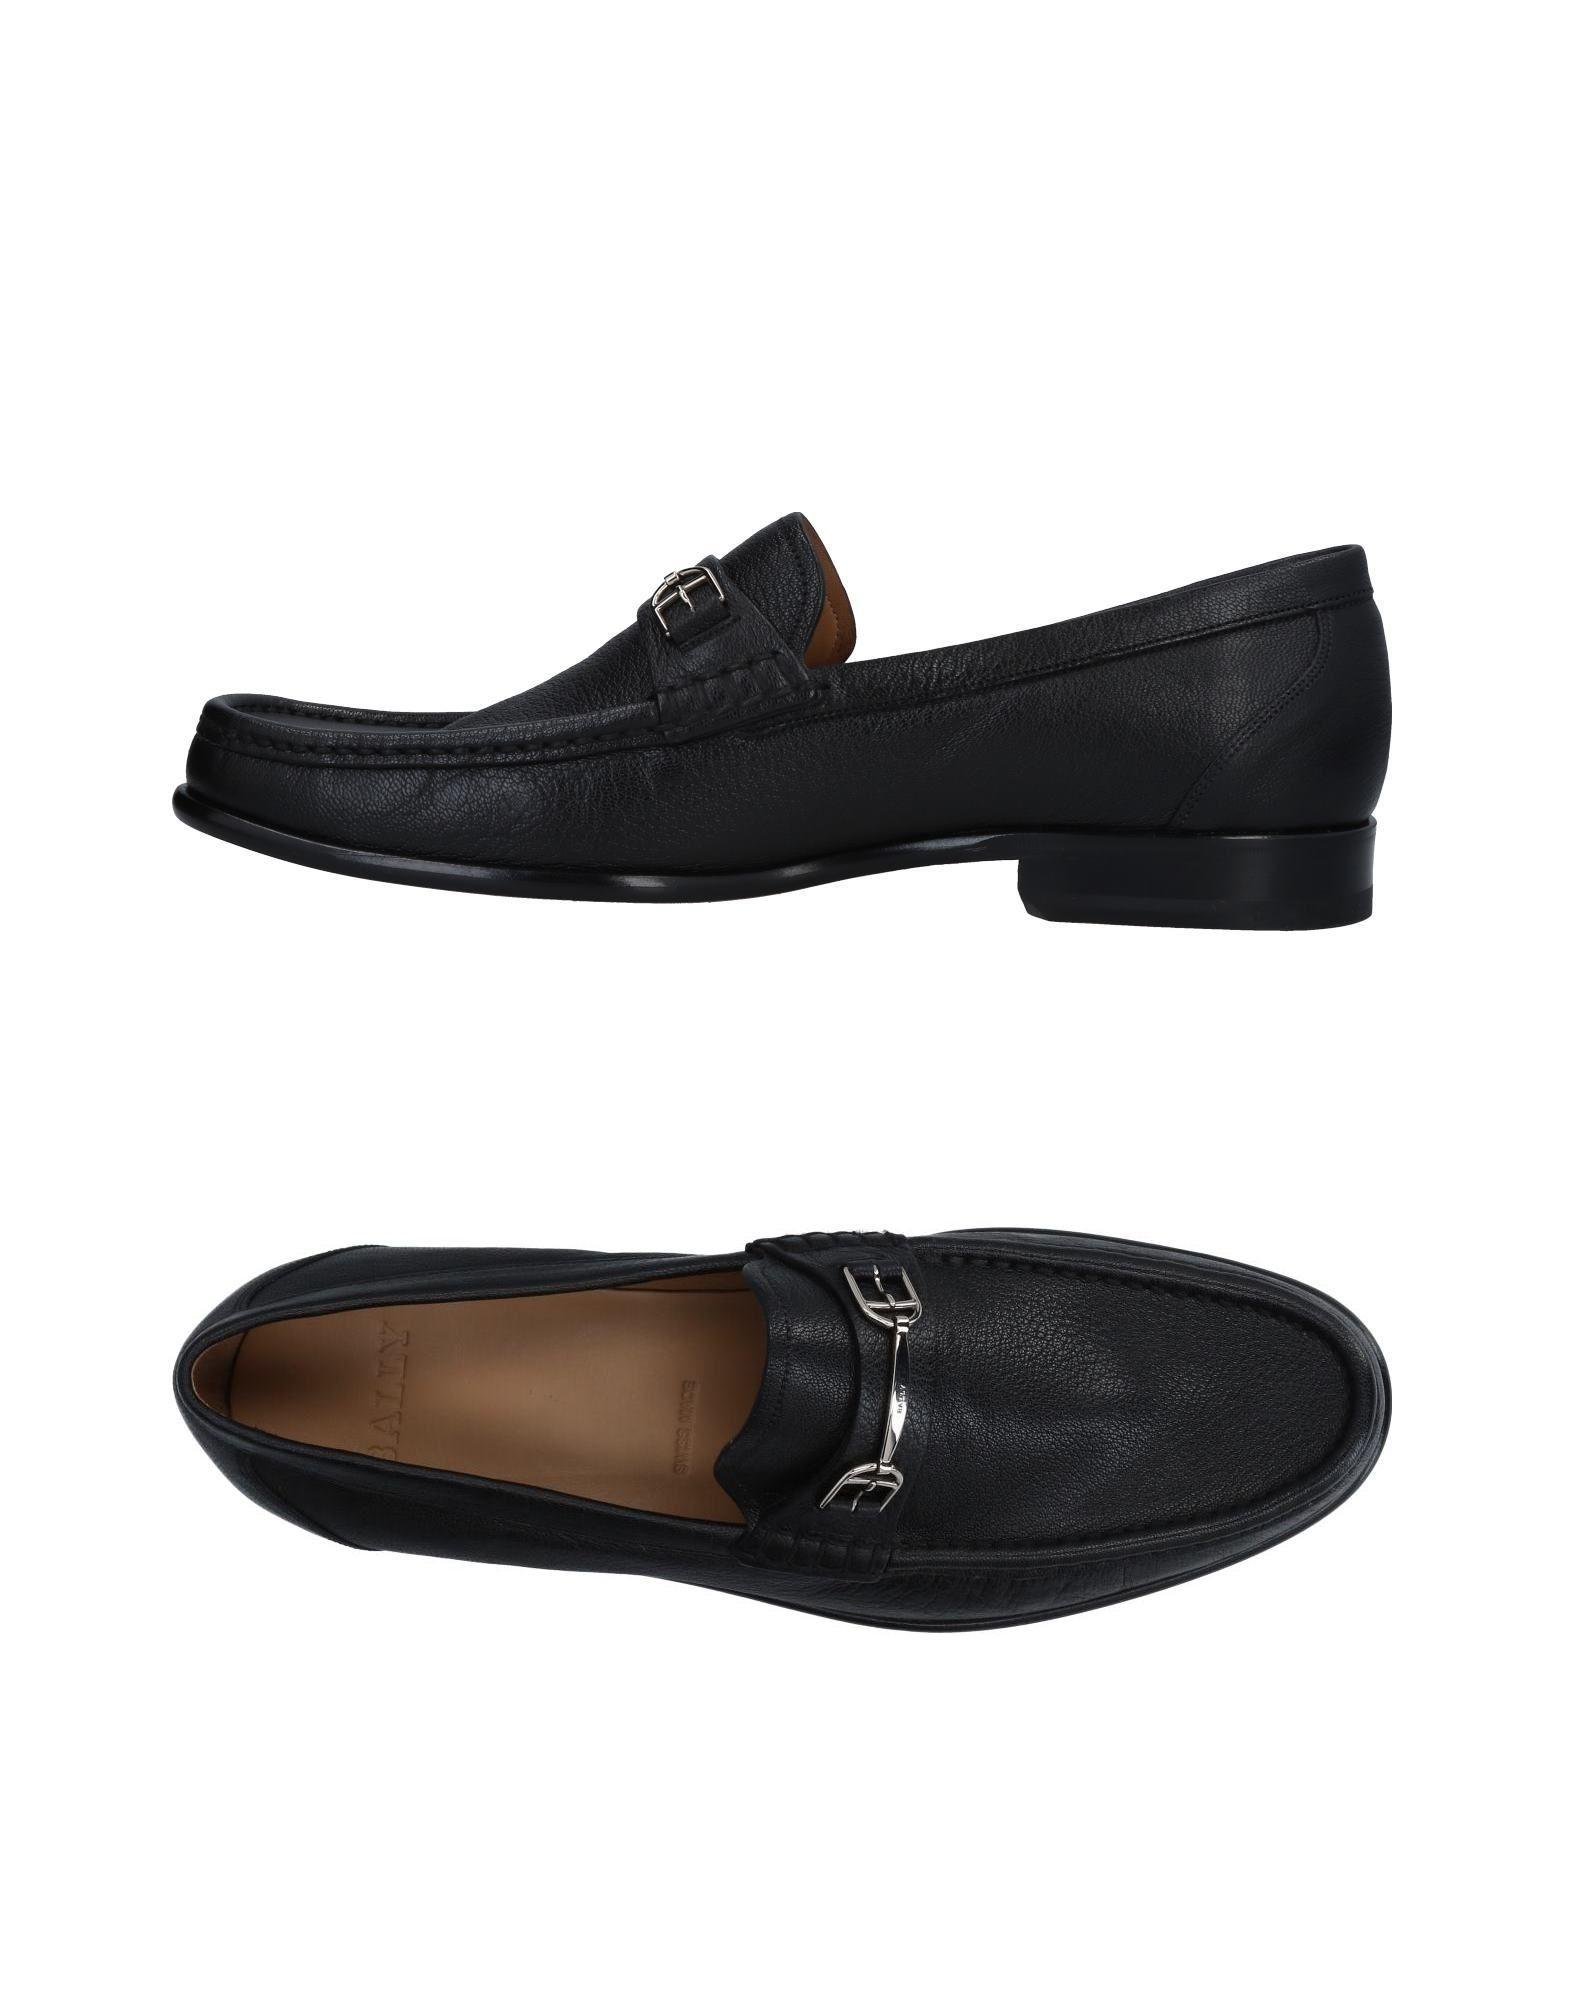 Bally Mokassins Herren  11475121IM Gute Qualität beliebte Schuhe